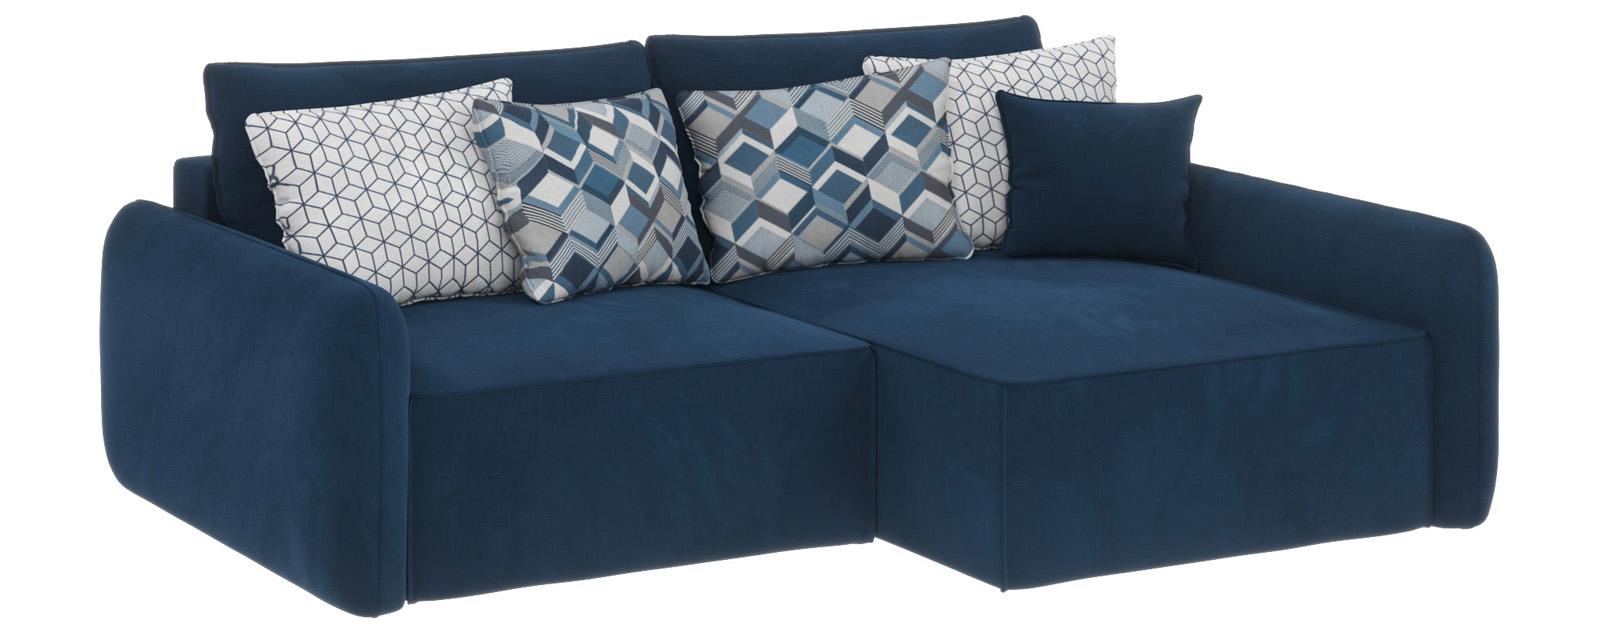 Купить Модульный диван Портленд вариант №4 Soft тёмно-синий (Вел-флок, правый), HomeMe, Тёмно-синий